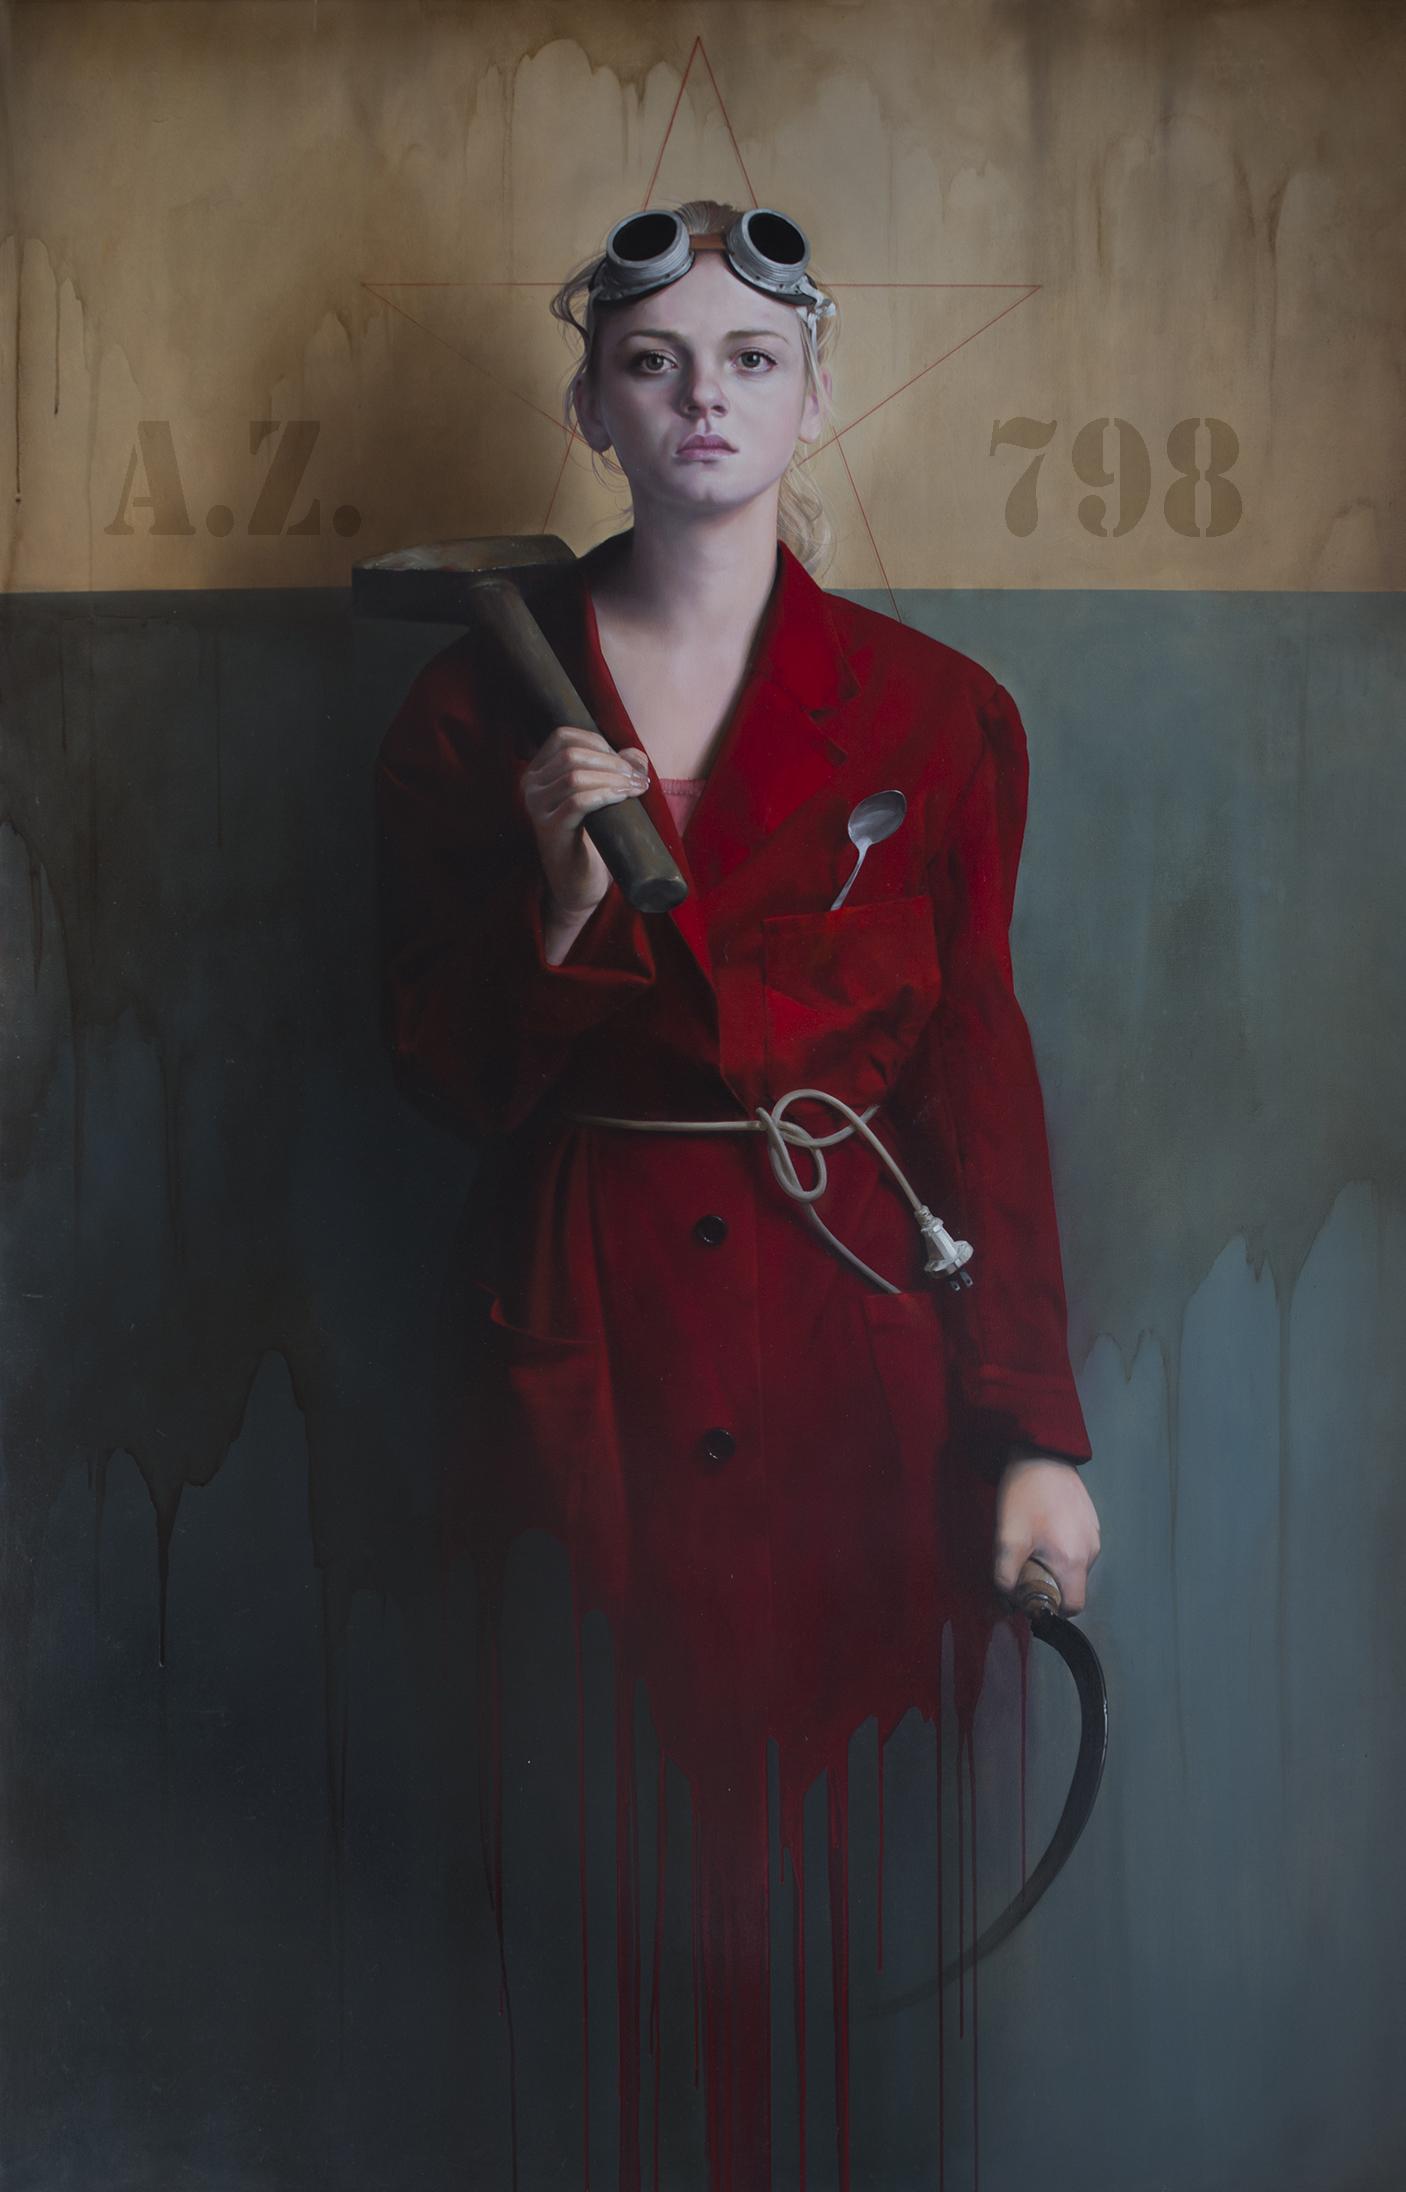 ,,Je_crois_en_progrès,,_185x120_oil_on_canvas